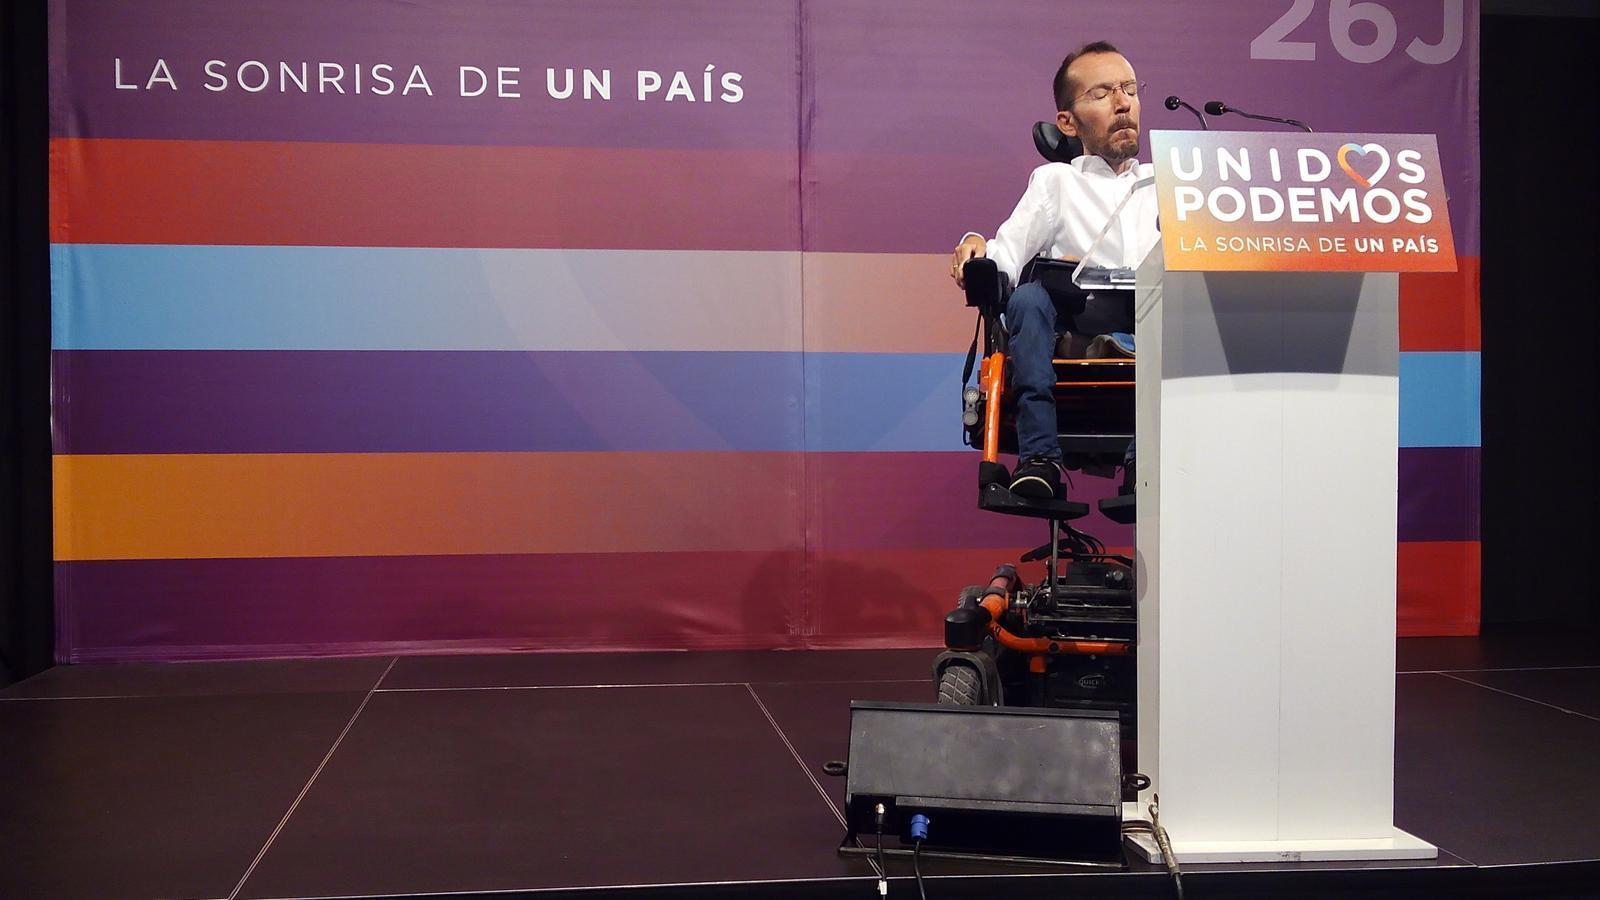 El secretari d'organització d'Units Podem, Pablo Echenique, durant la roda de premsa per valorar els resultats després de la reunió de l'executiva del partit. El 21 de desembre va sortir Pablo Iglesias, aquest dilluns ha marxat per la porta del darrere. M.F.F.